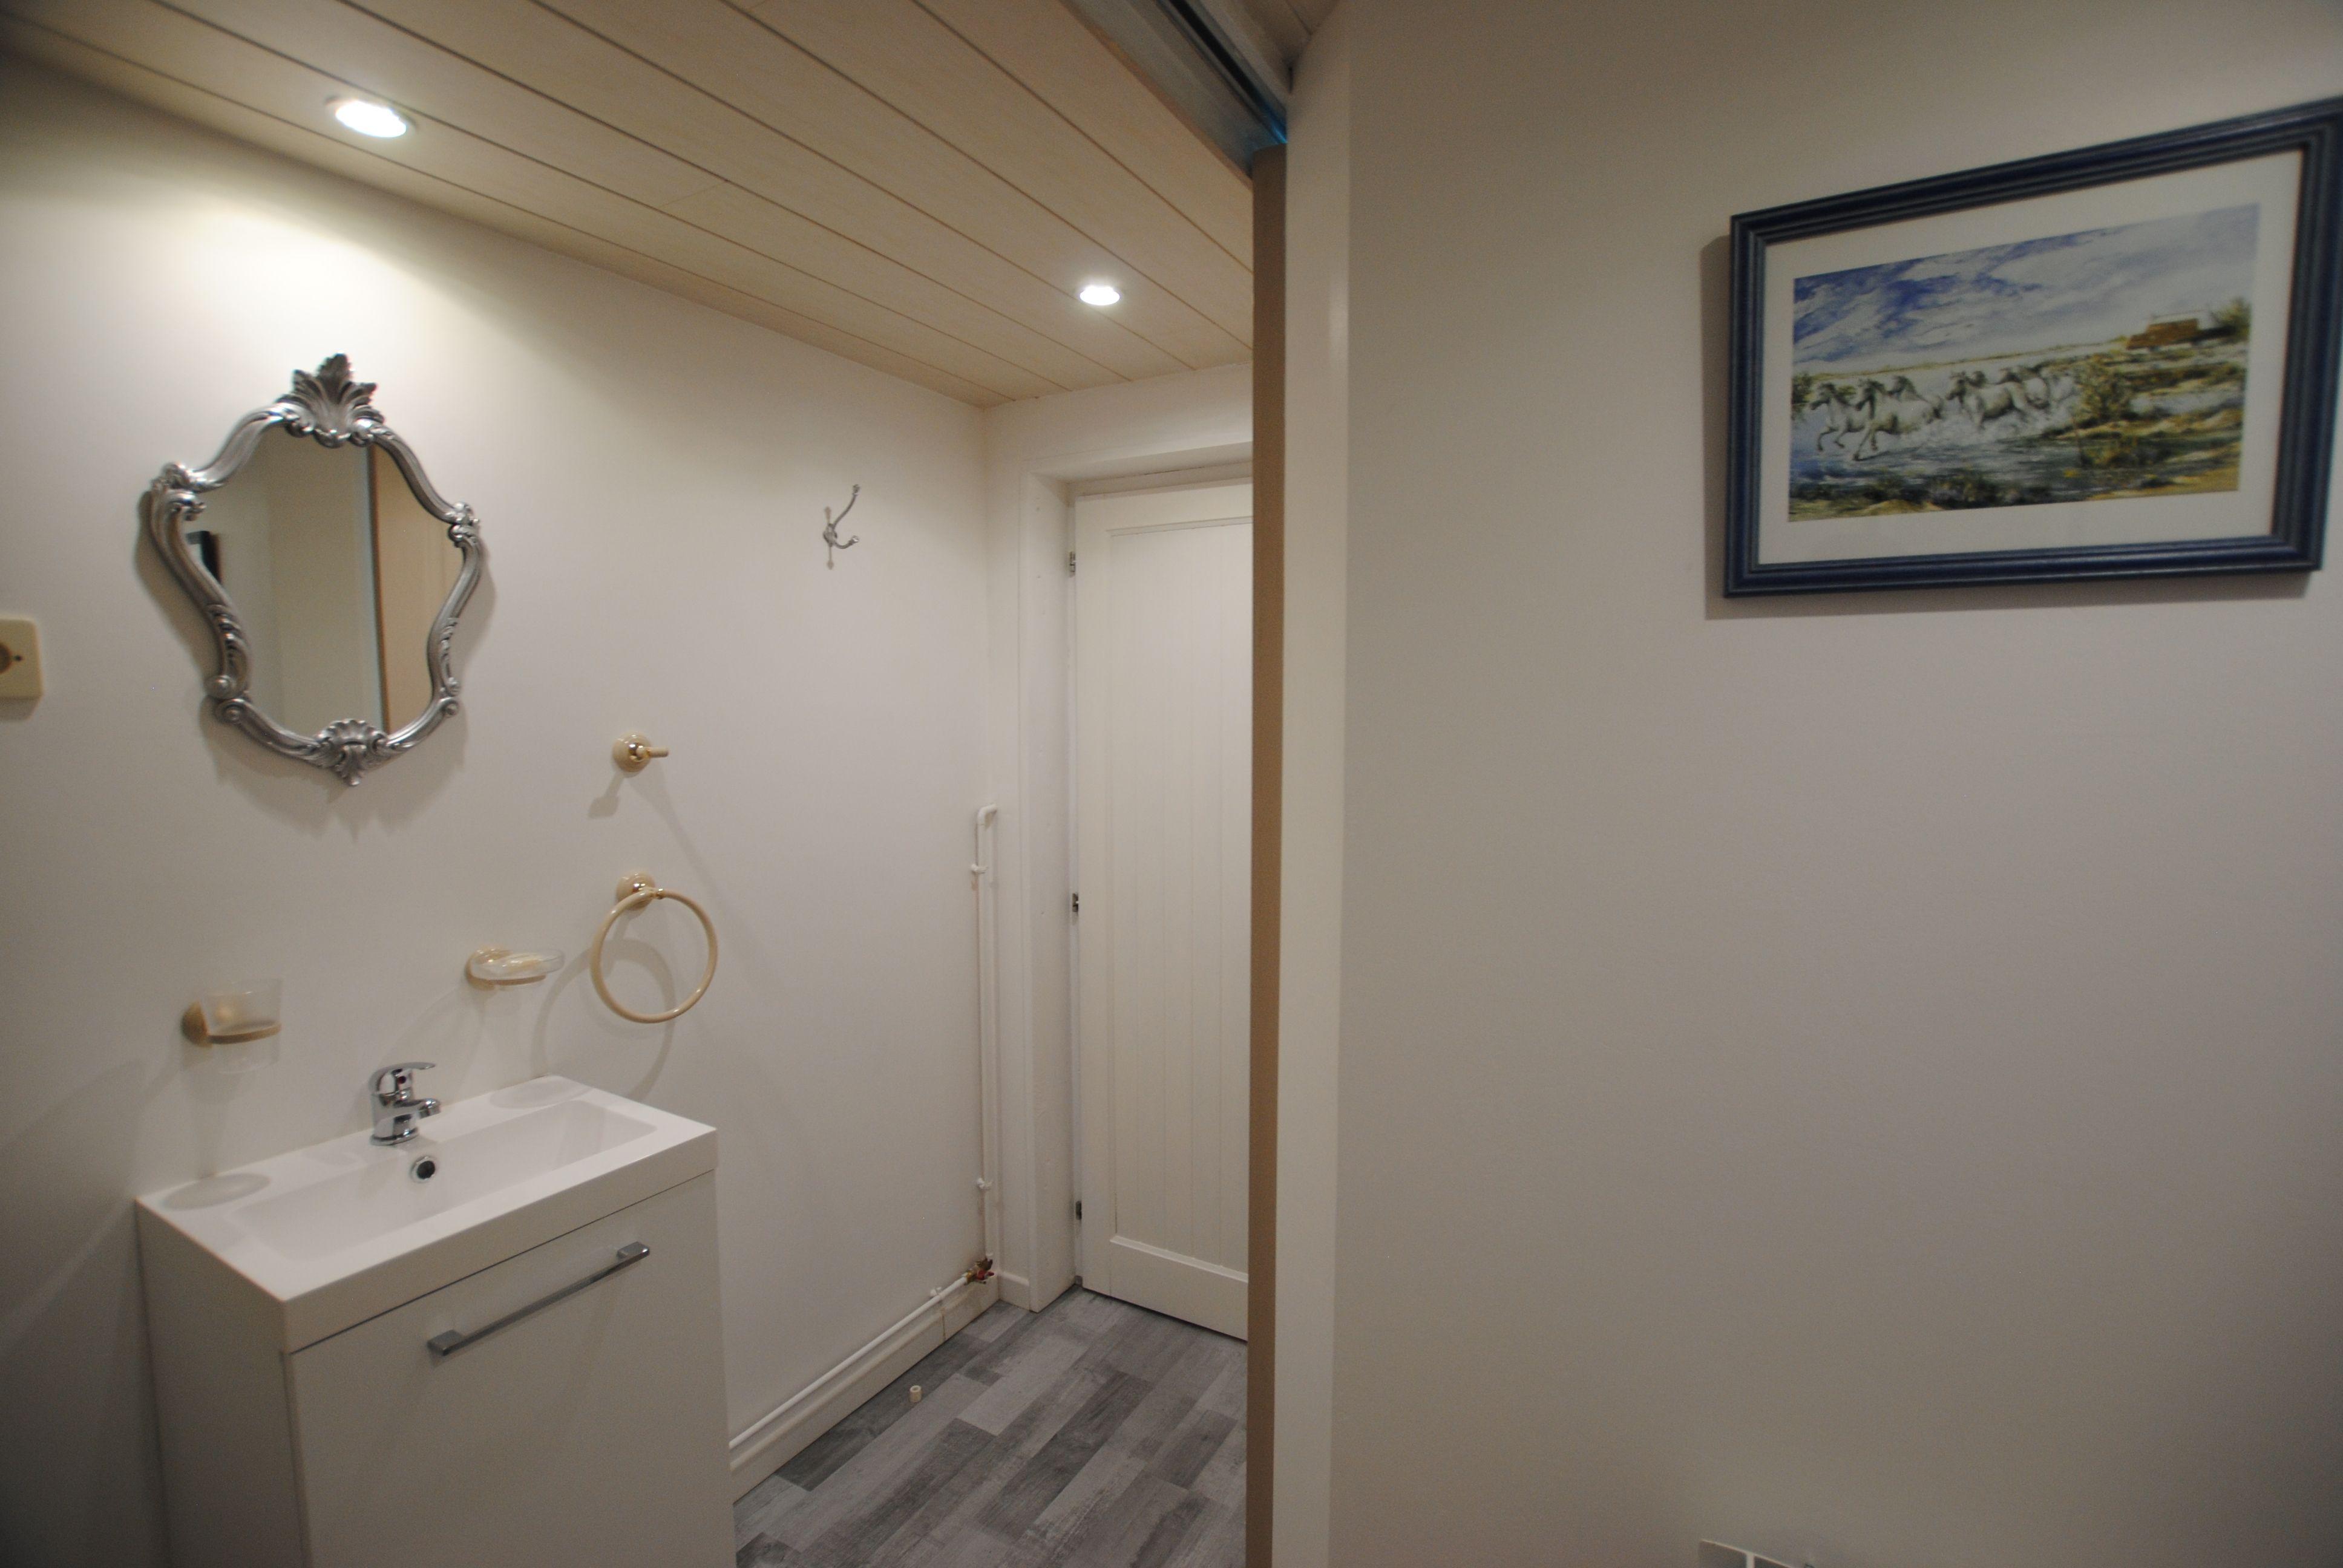 Salle d'eau - Chambre d'hôtes - Le Pigeonnier - 51G51205 - Dampierre-le-Chateau - Gîtes de France Marne